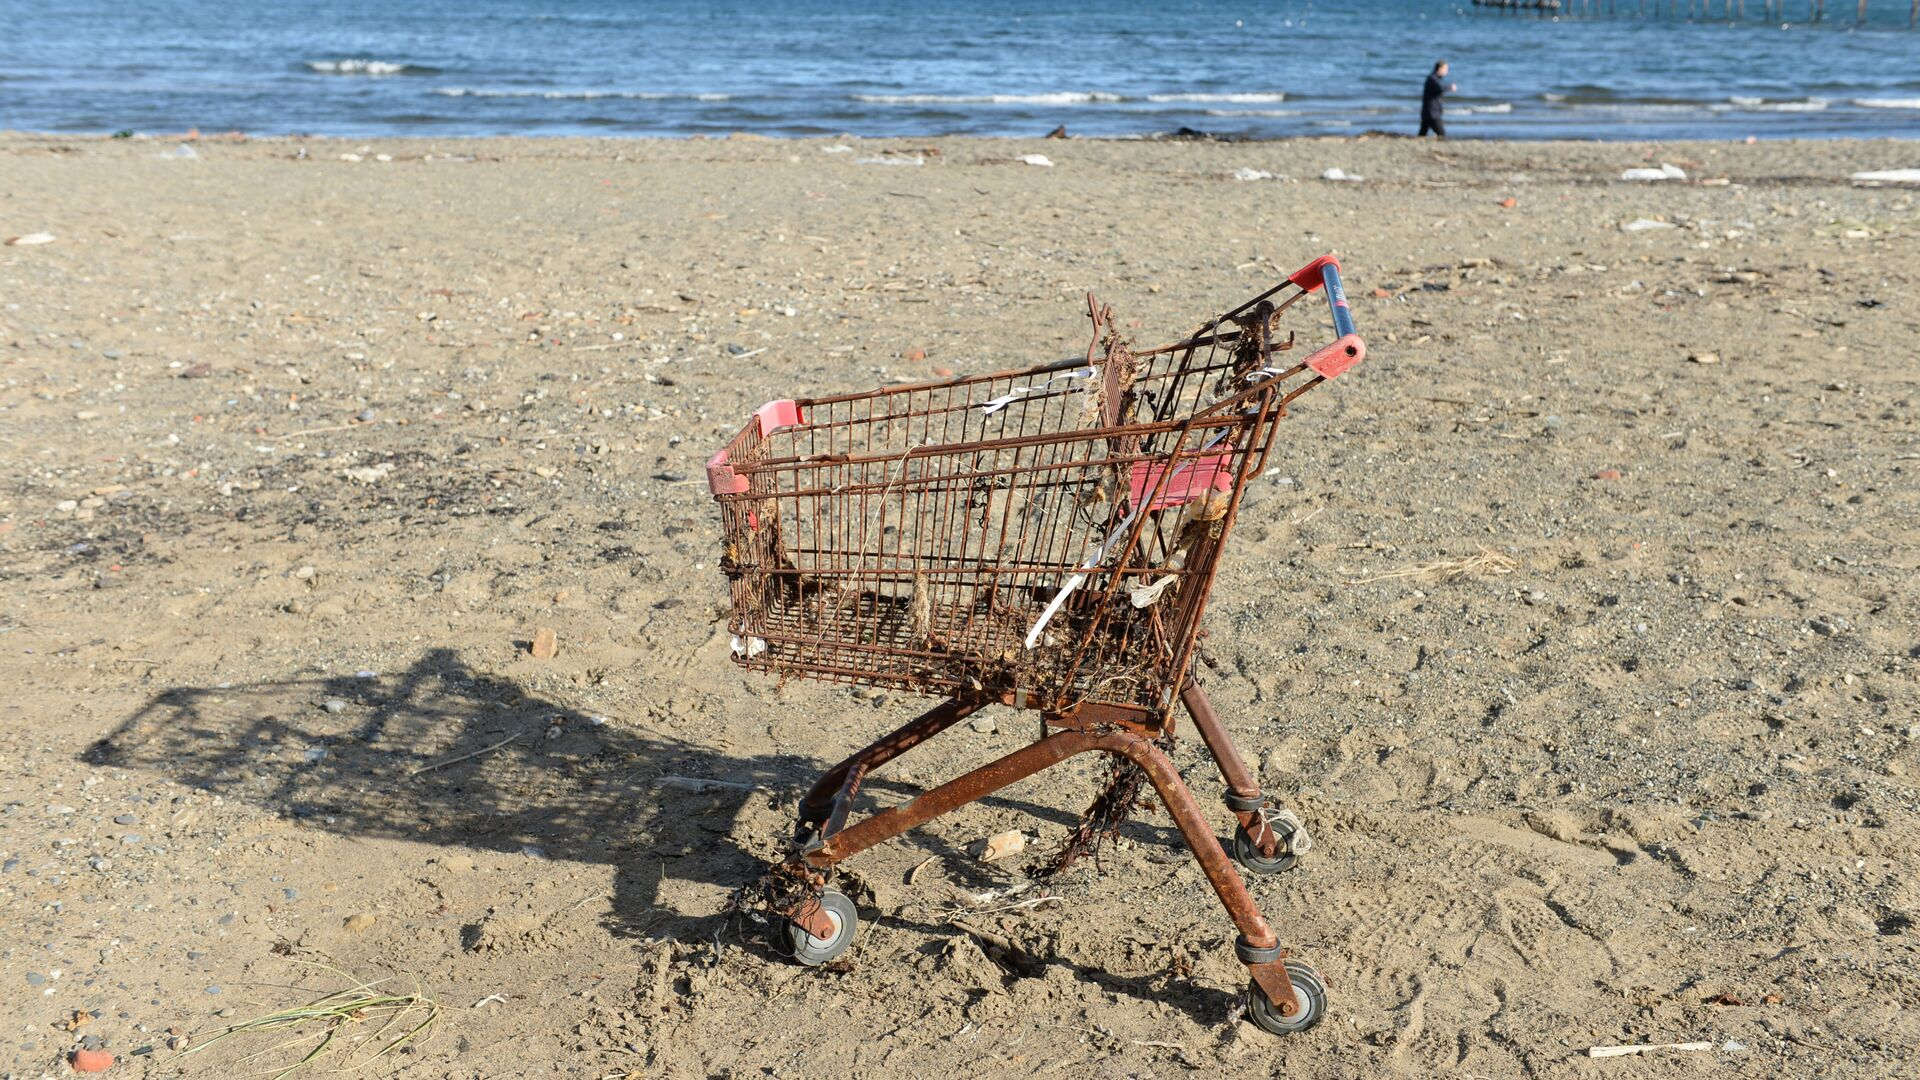 Un carrello arrugginito su una spiaggia - Sputnik Italia, 1920, 12.05.2021